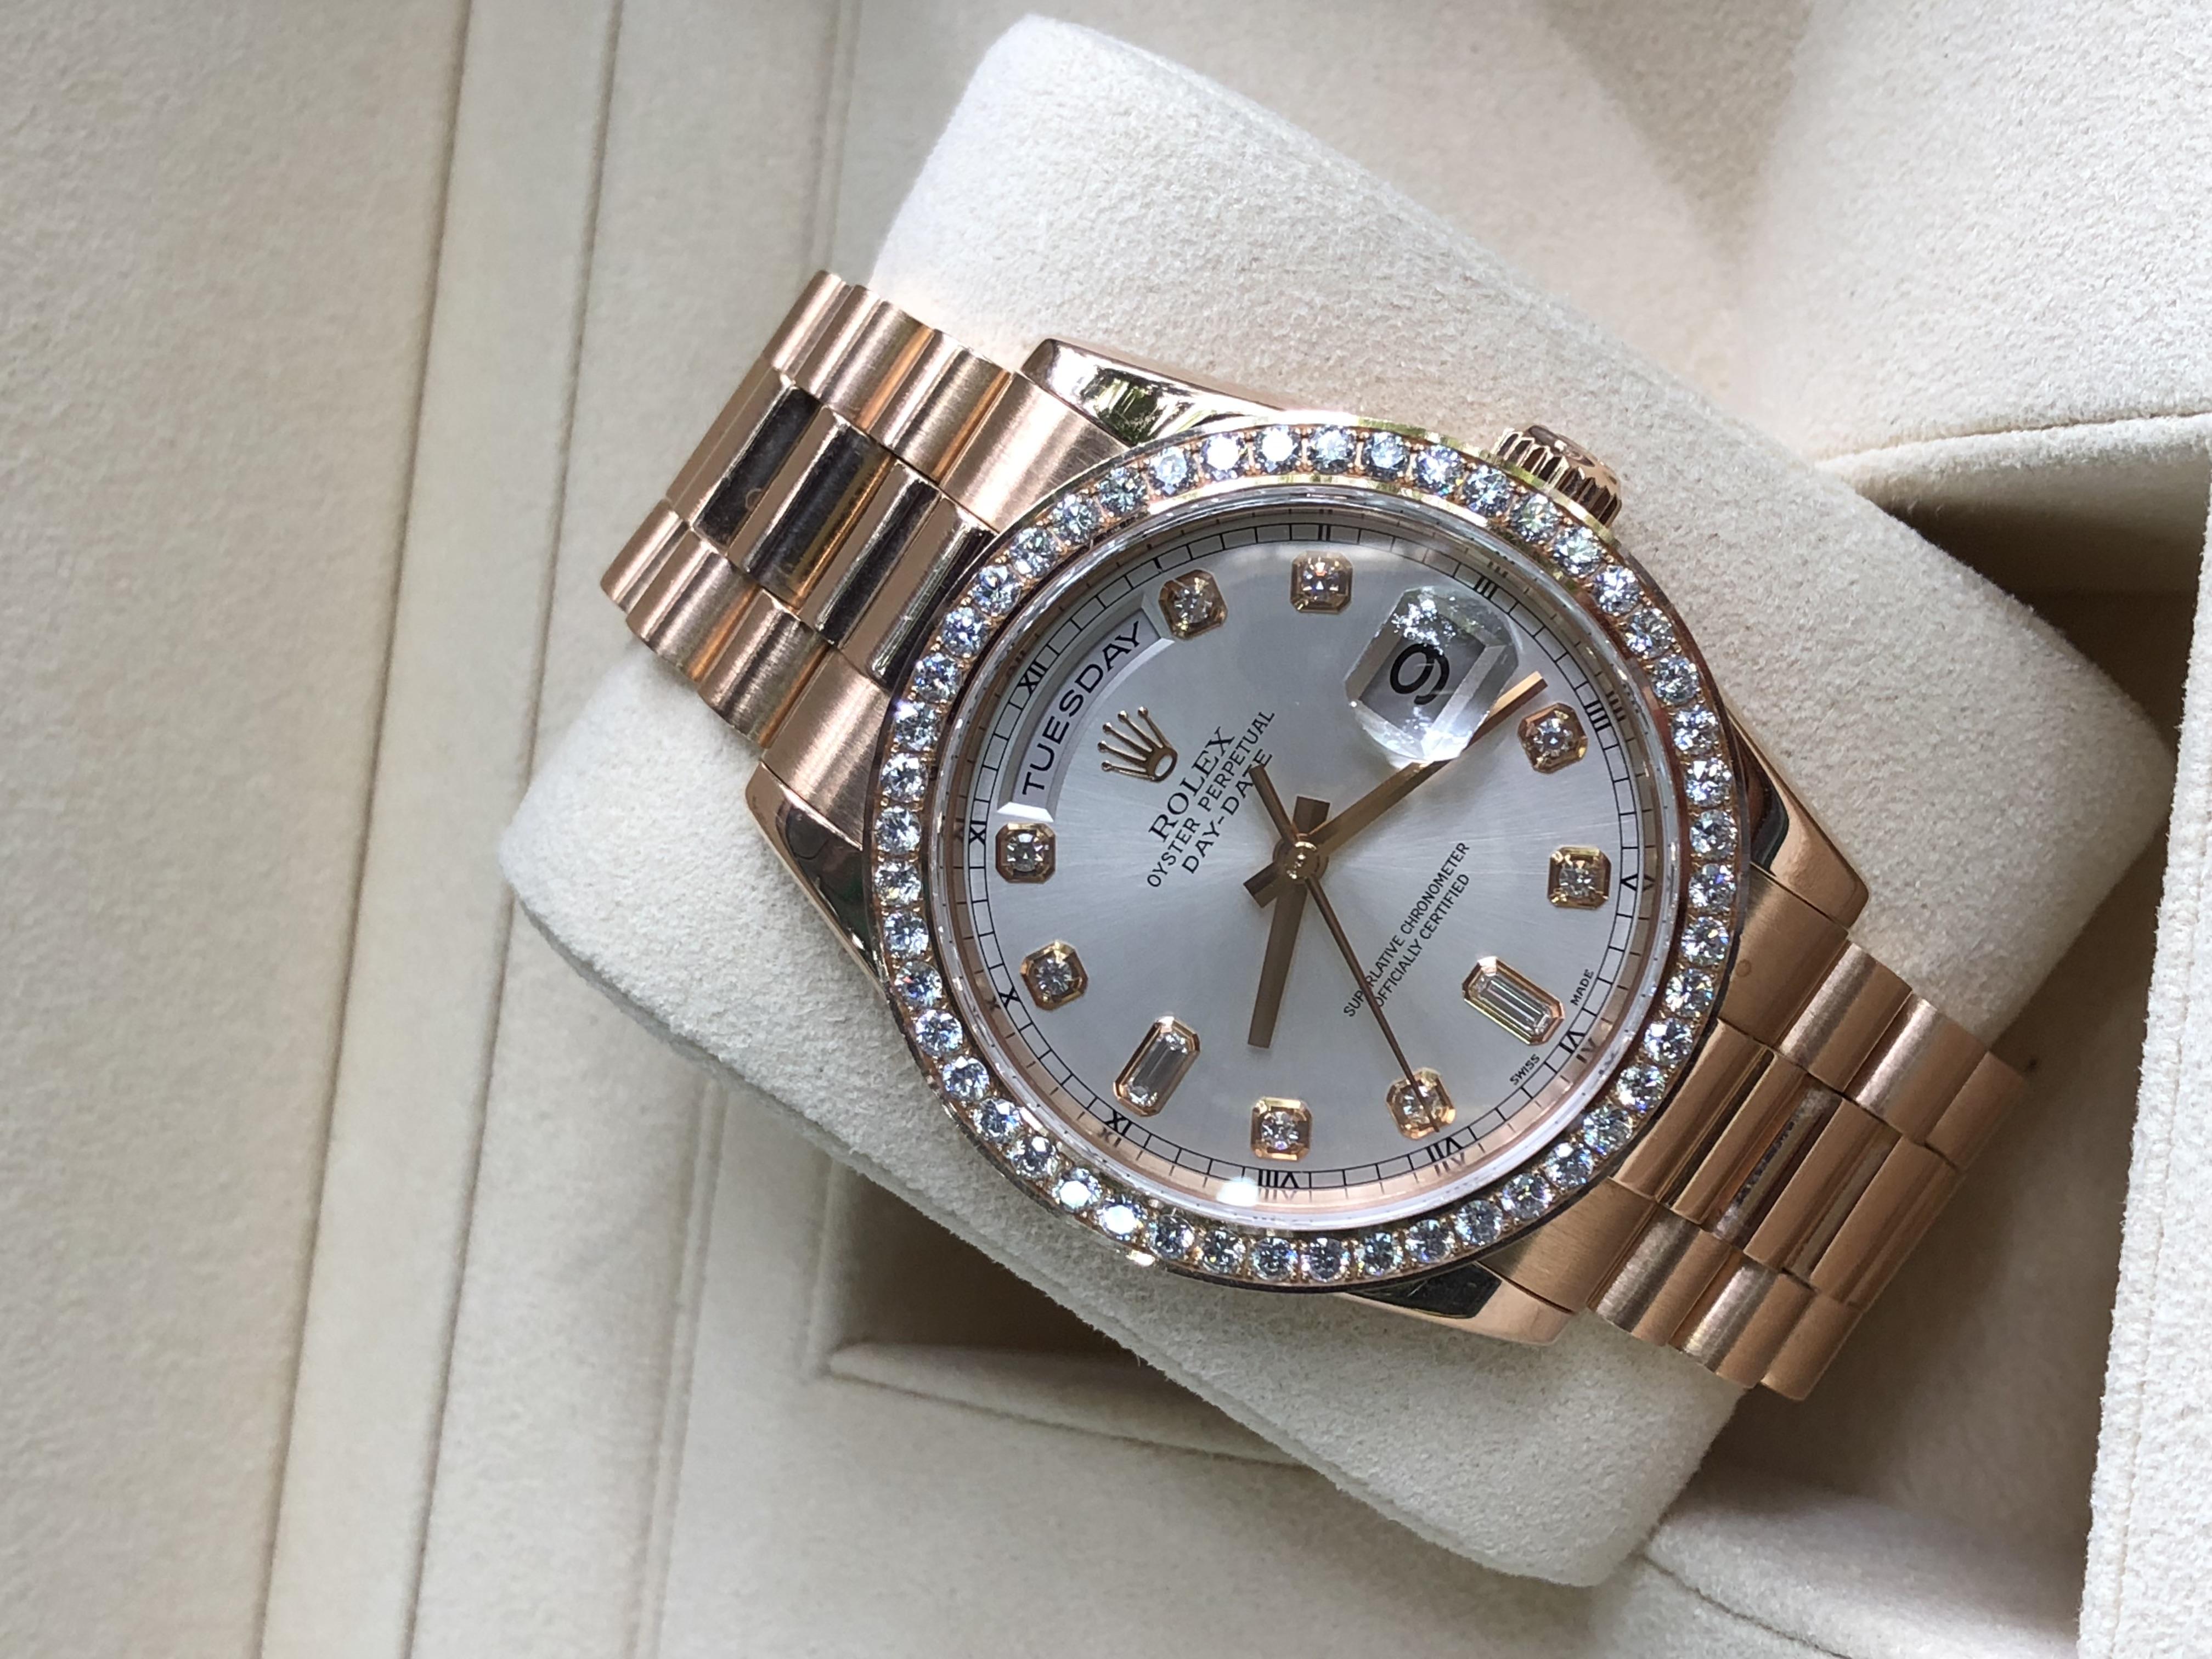 Rolex 118235 Day-Date vàng hồng 18K sản xuất 2016 Fullbox